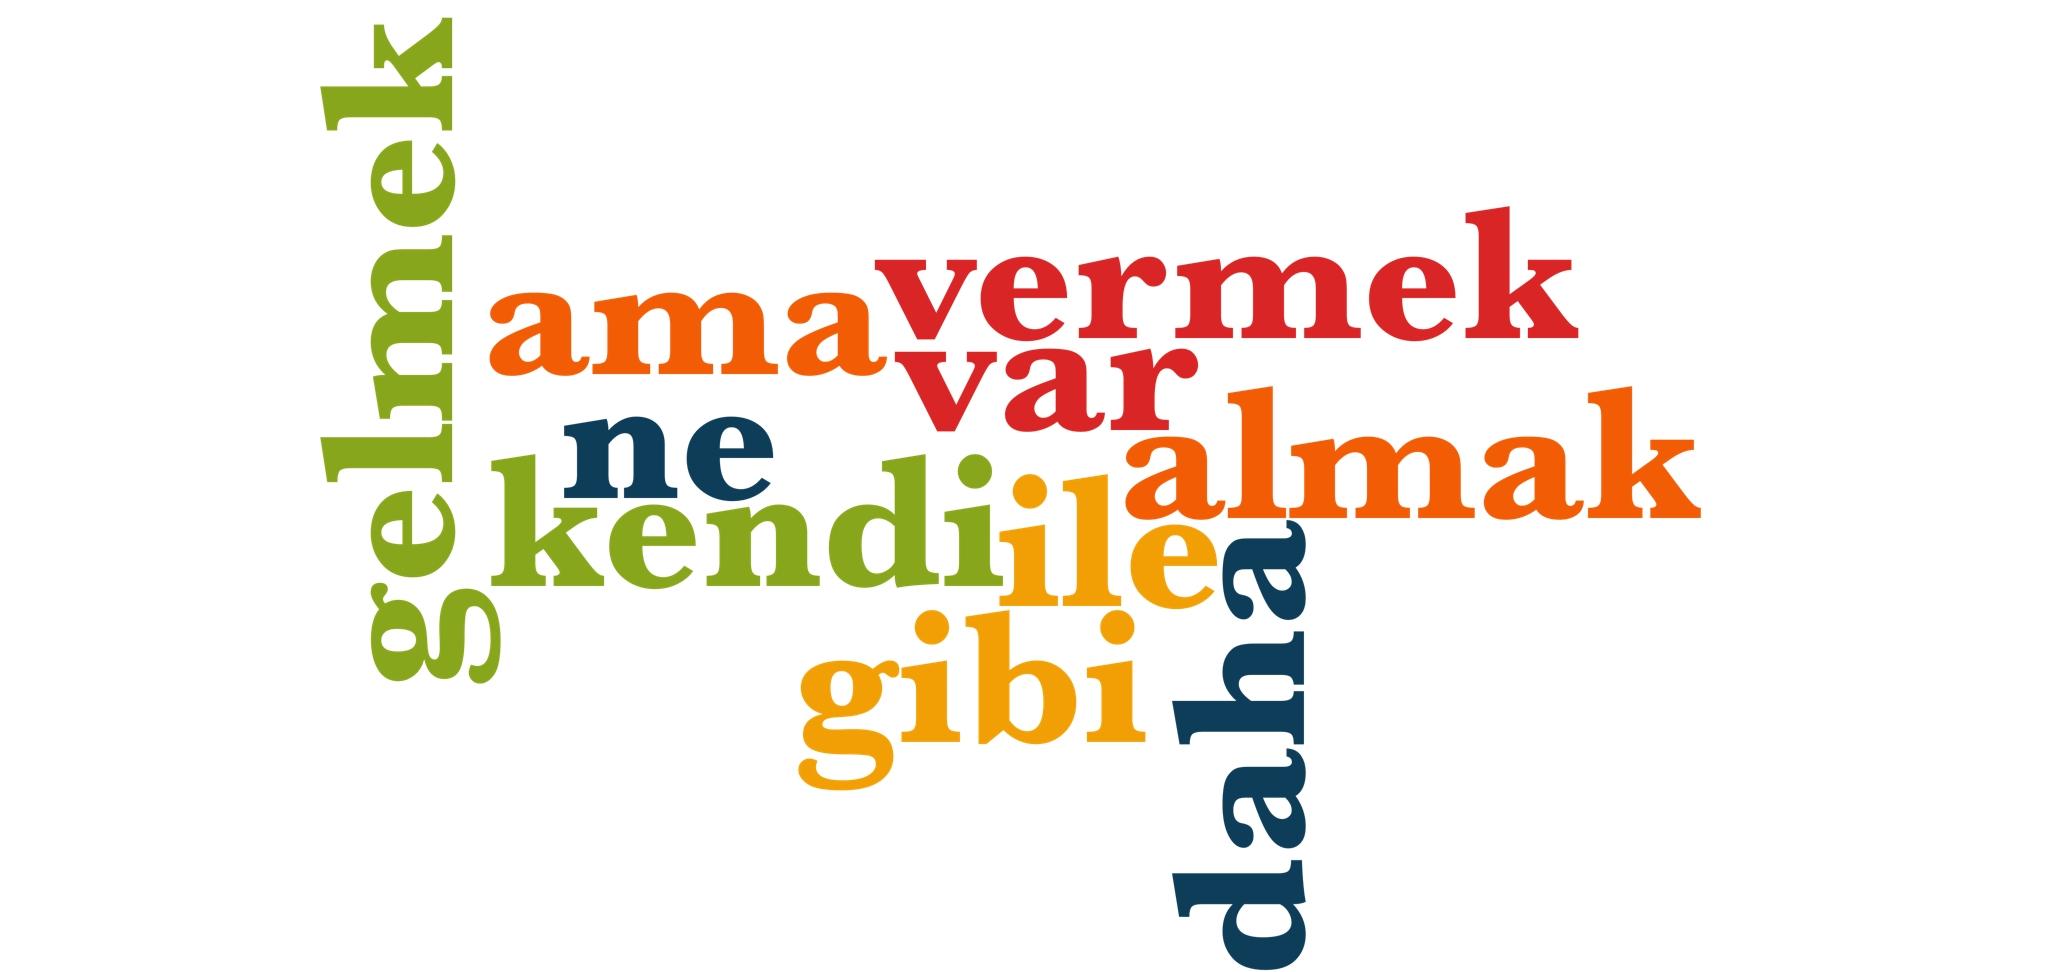 Wörter 11 bis 20 der 1000 häufigsten Wörter der türkischen Sprache